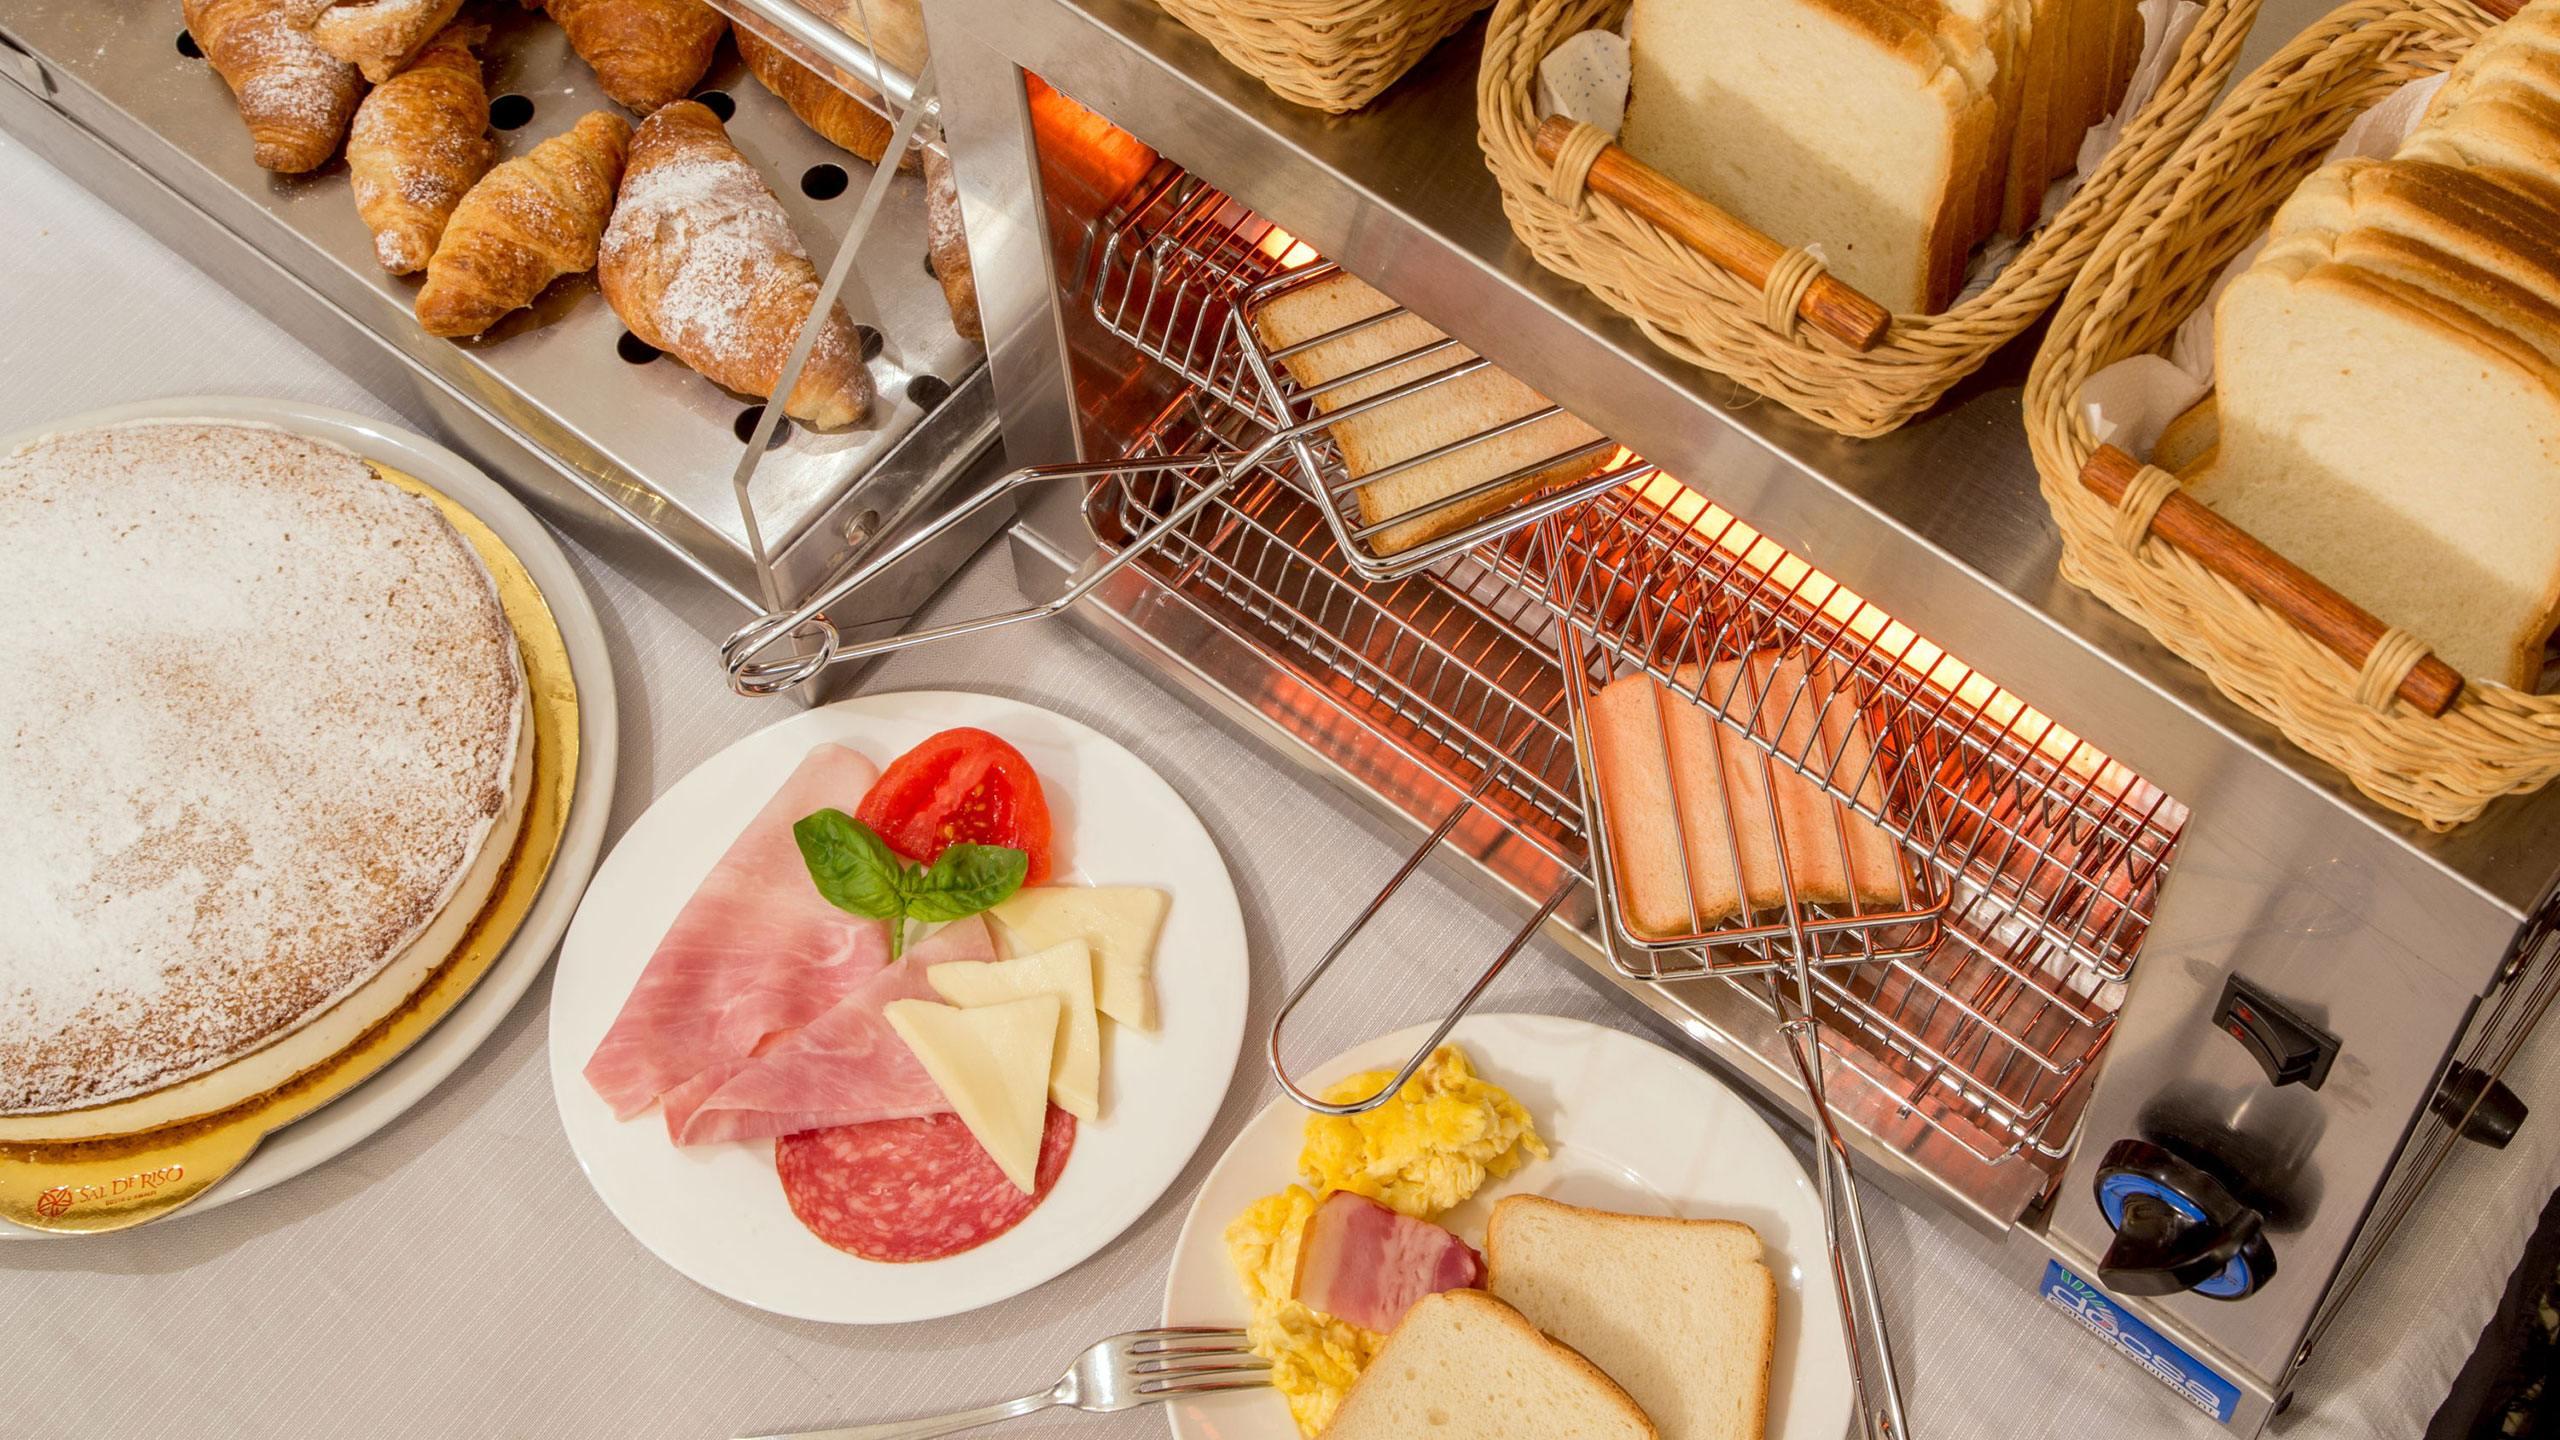 albergo-ottocento-rome-déjeuner-07